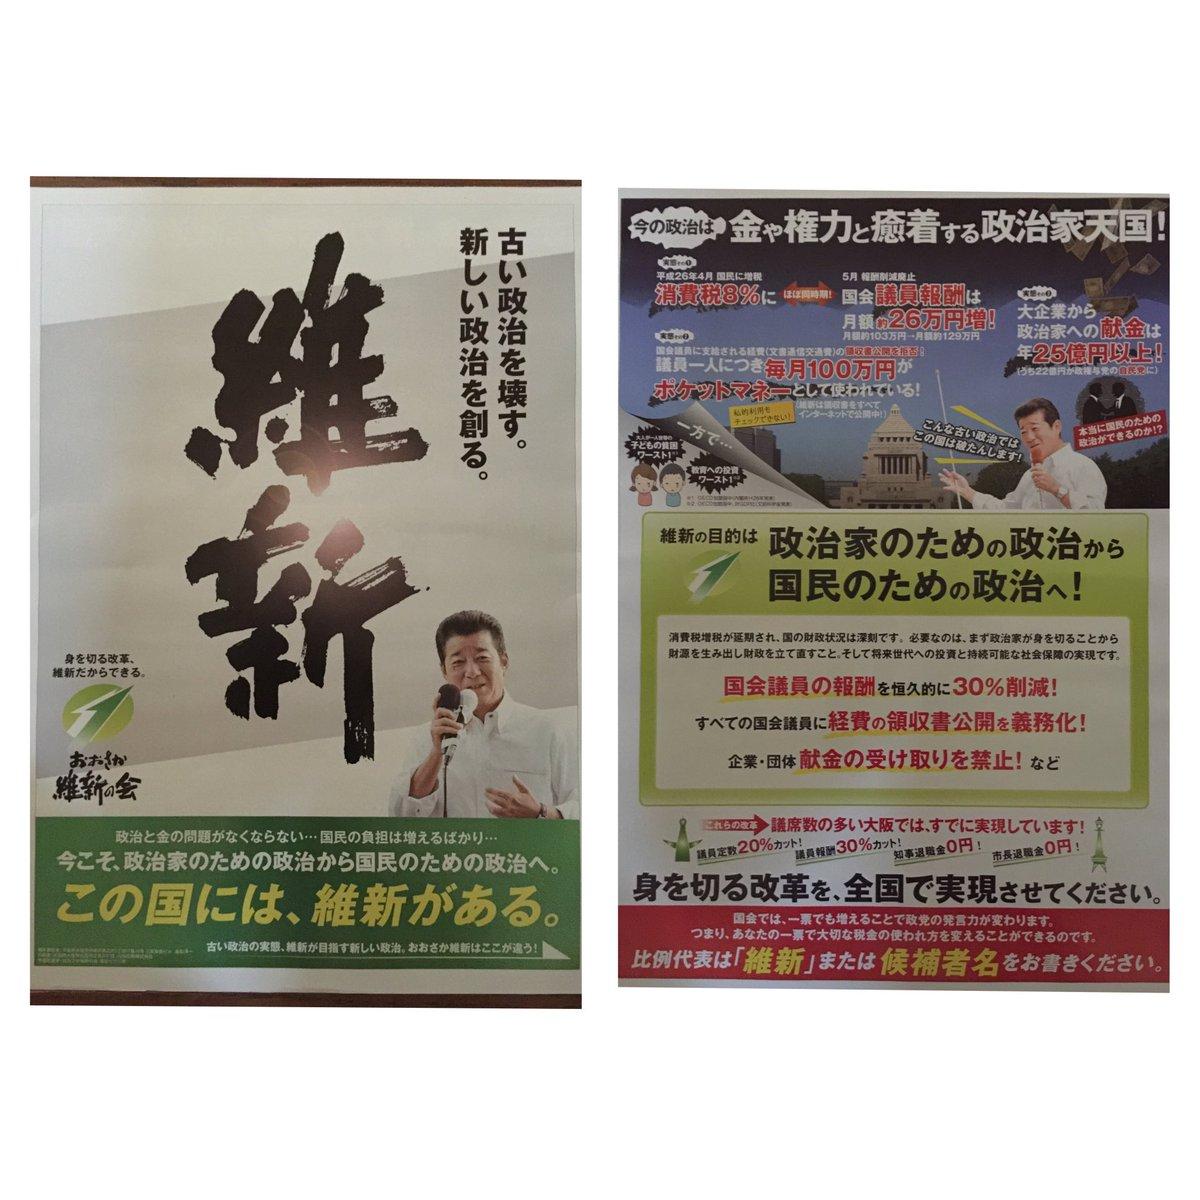 胡散臭くて、如何わしい!おおさか維新の会の選挙ビラ  「新しい利権を盗る。」なのだろうね、彼等が今までしてきた事は。「金と権力に執着する維新天国!」、『大阪で行った「住民の身を切る改悪」を全国で実現させてください!』の誤記でしょ。 https://t.co/95bjAlK3Si